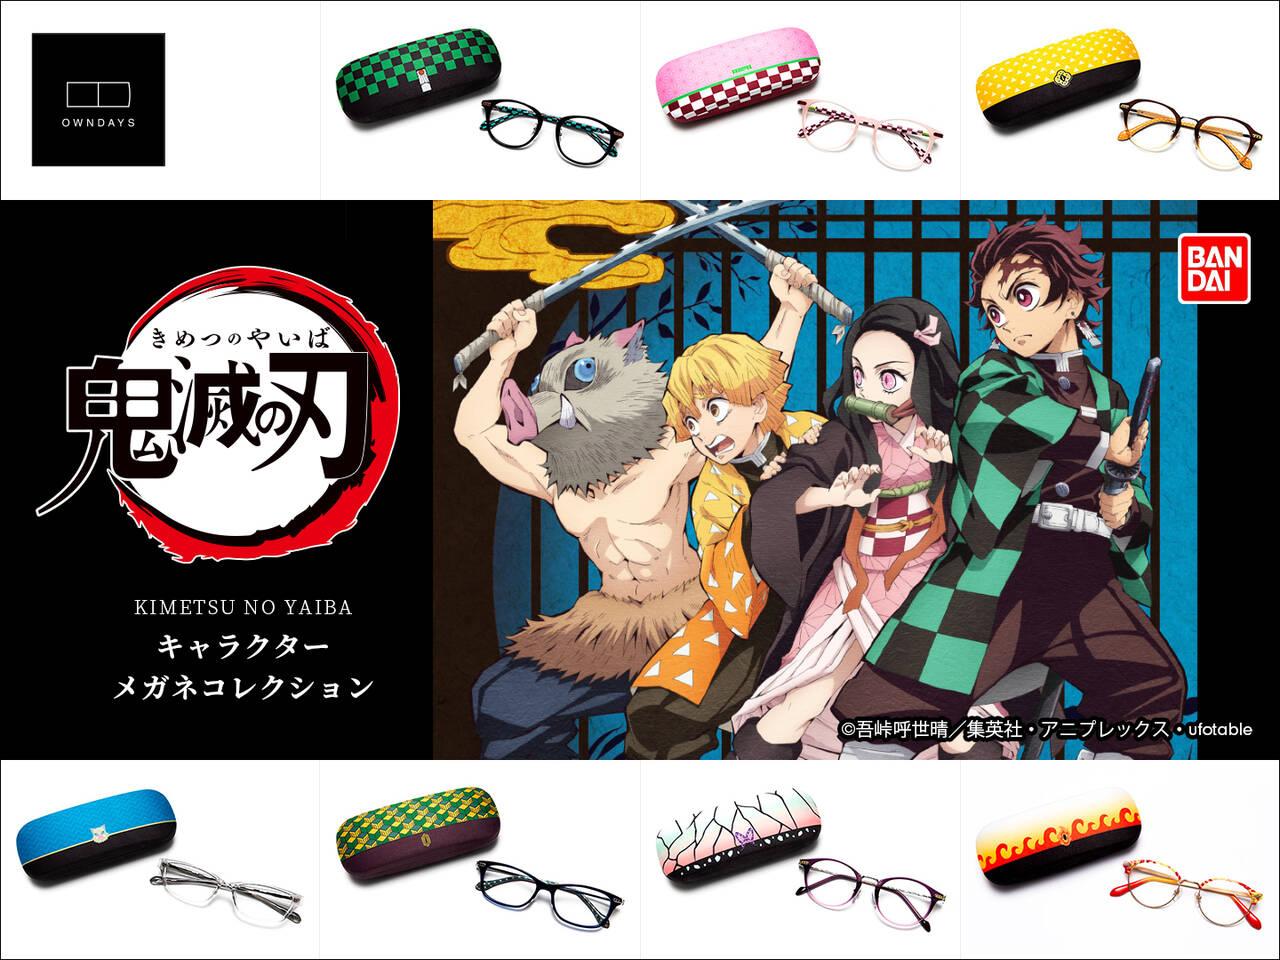 『鬼滅の刃』コラボメガネ、店頭発売は4月から!煉獄モデルが新登場!